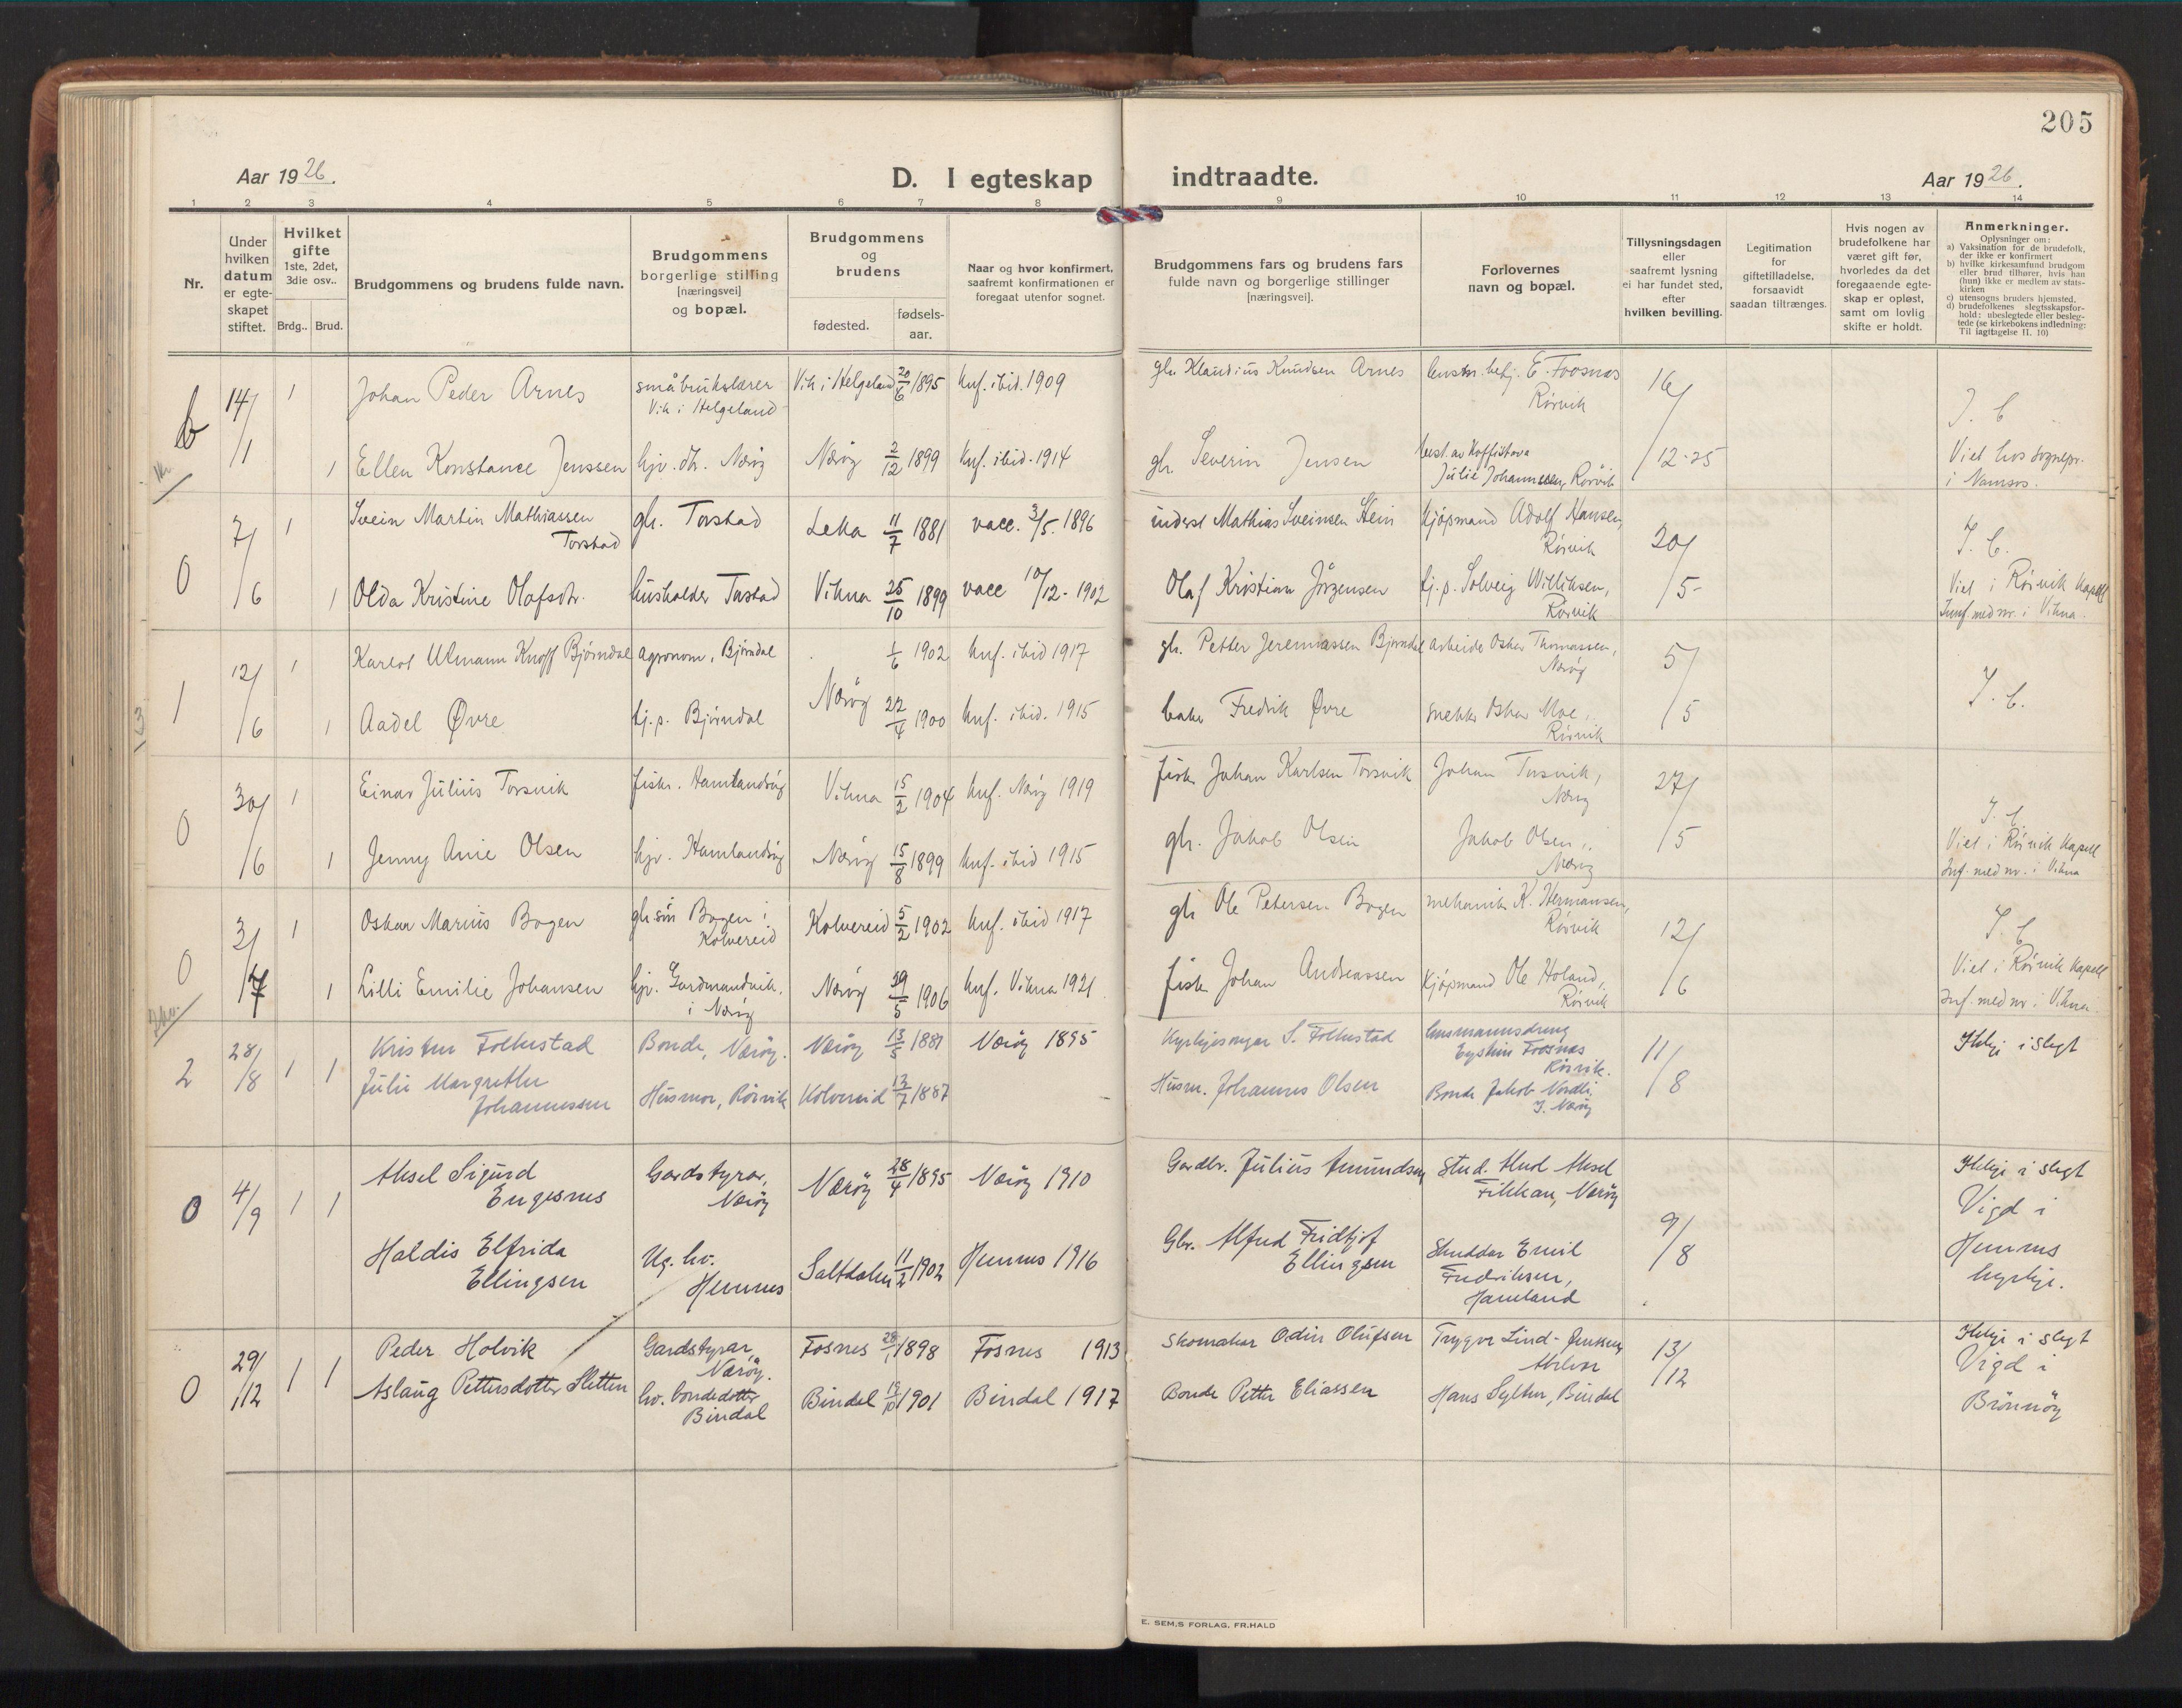 SAT, Ministerialprotokoller, klokkerbøker og fødselsregistre - Nord-Trøndelag, 784/L0678: Ministerialbok nr. 784A13, 1921-1938, s. 205